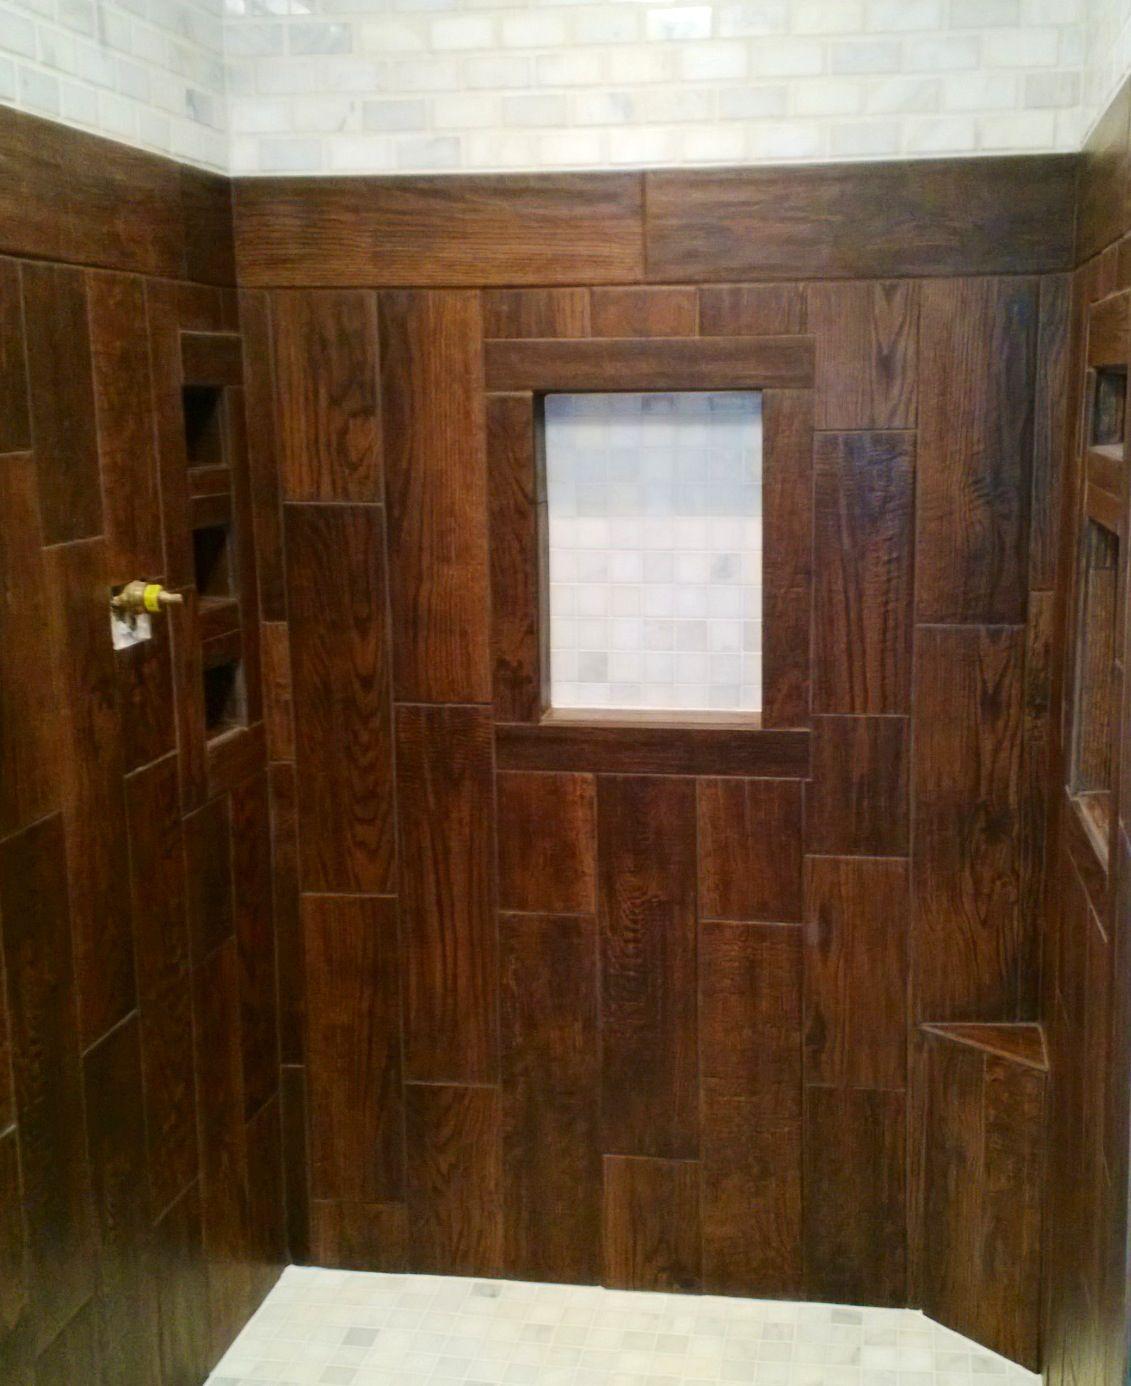 Tile That Looks Like Wood In The Shower Shower Stalls Pinterest